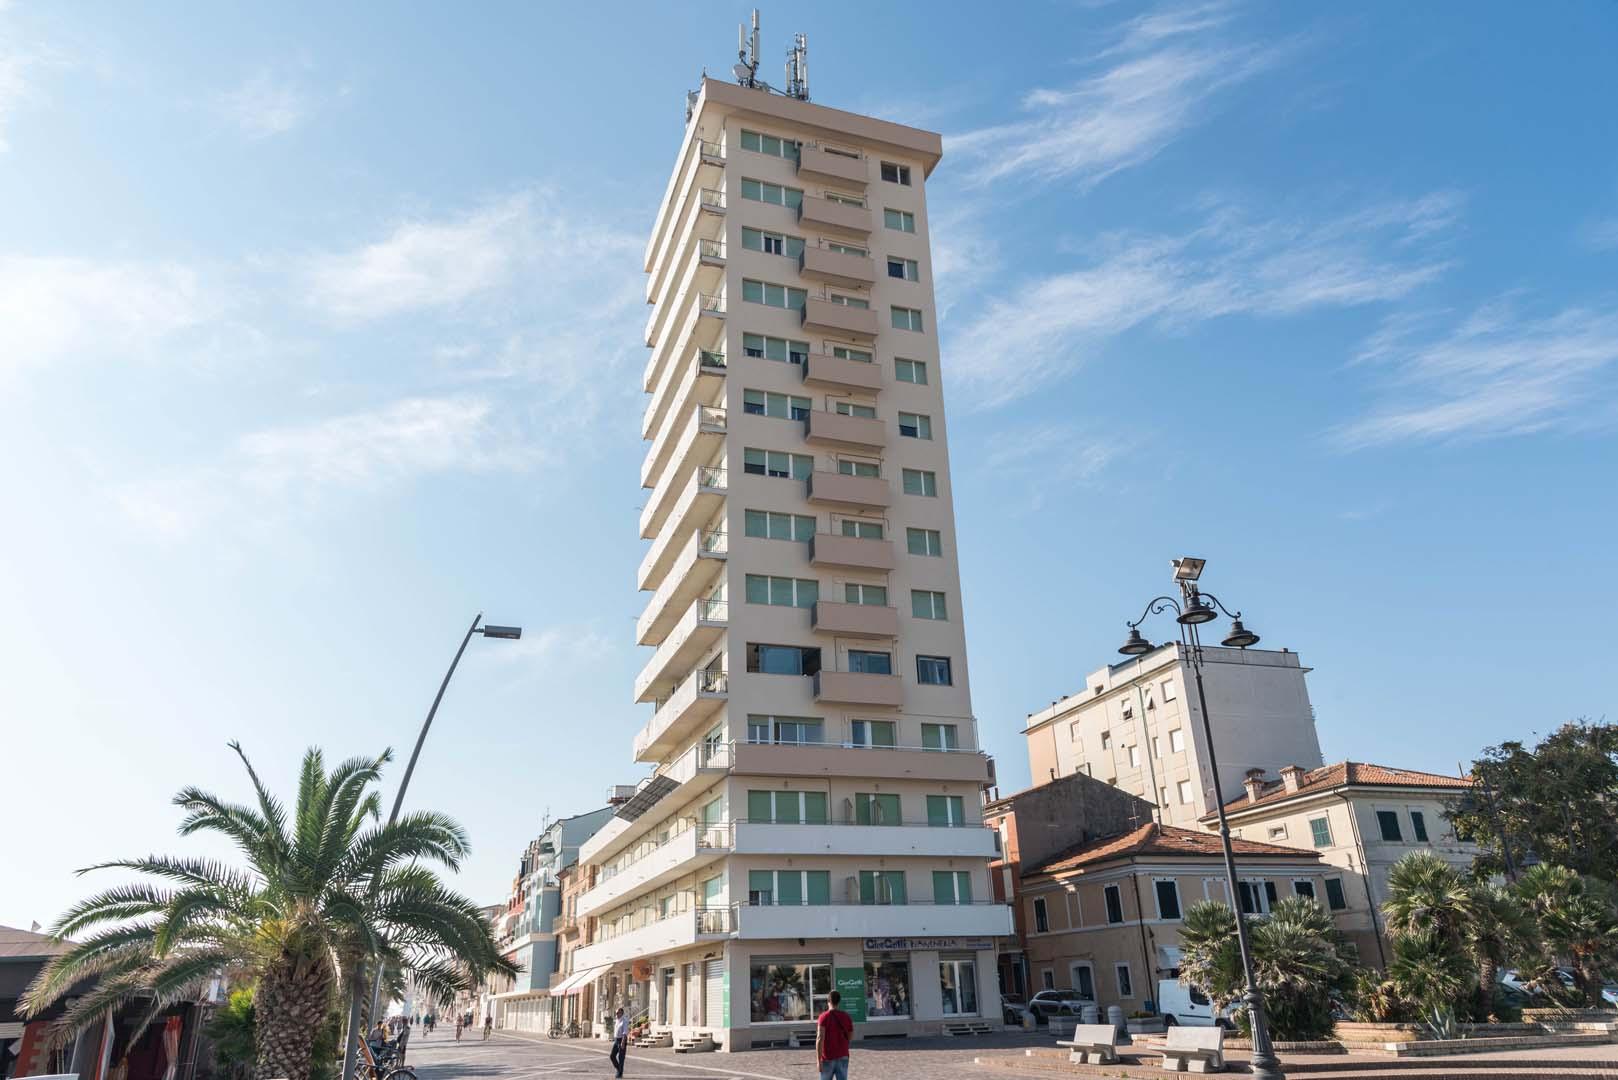 Ripristino grattacielo hotel Bianchi di Porto Recanati (MC)